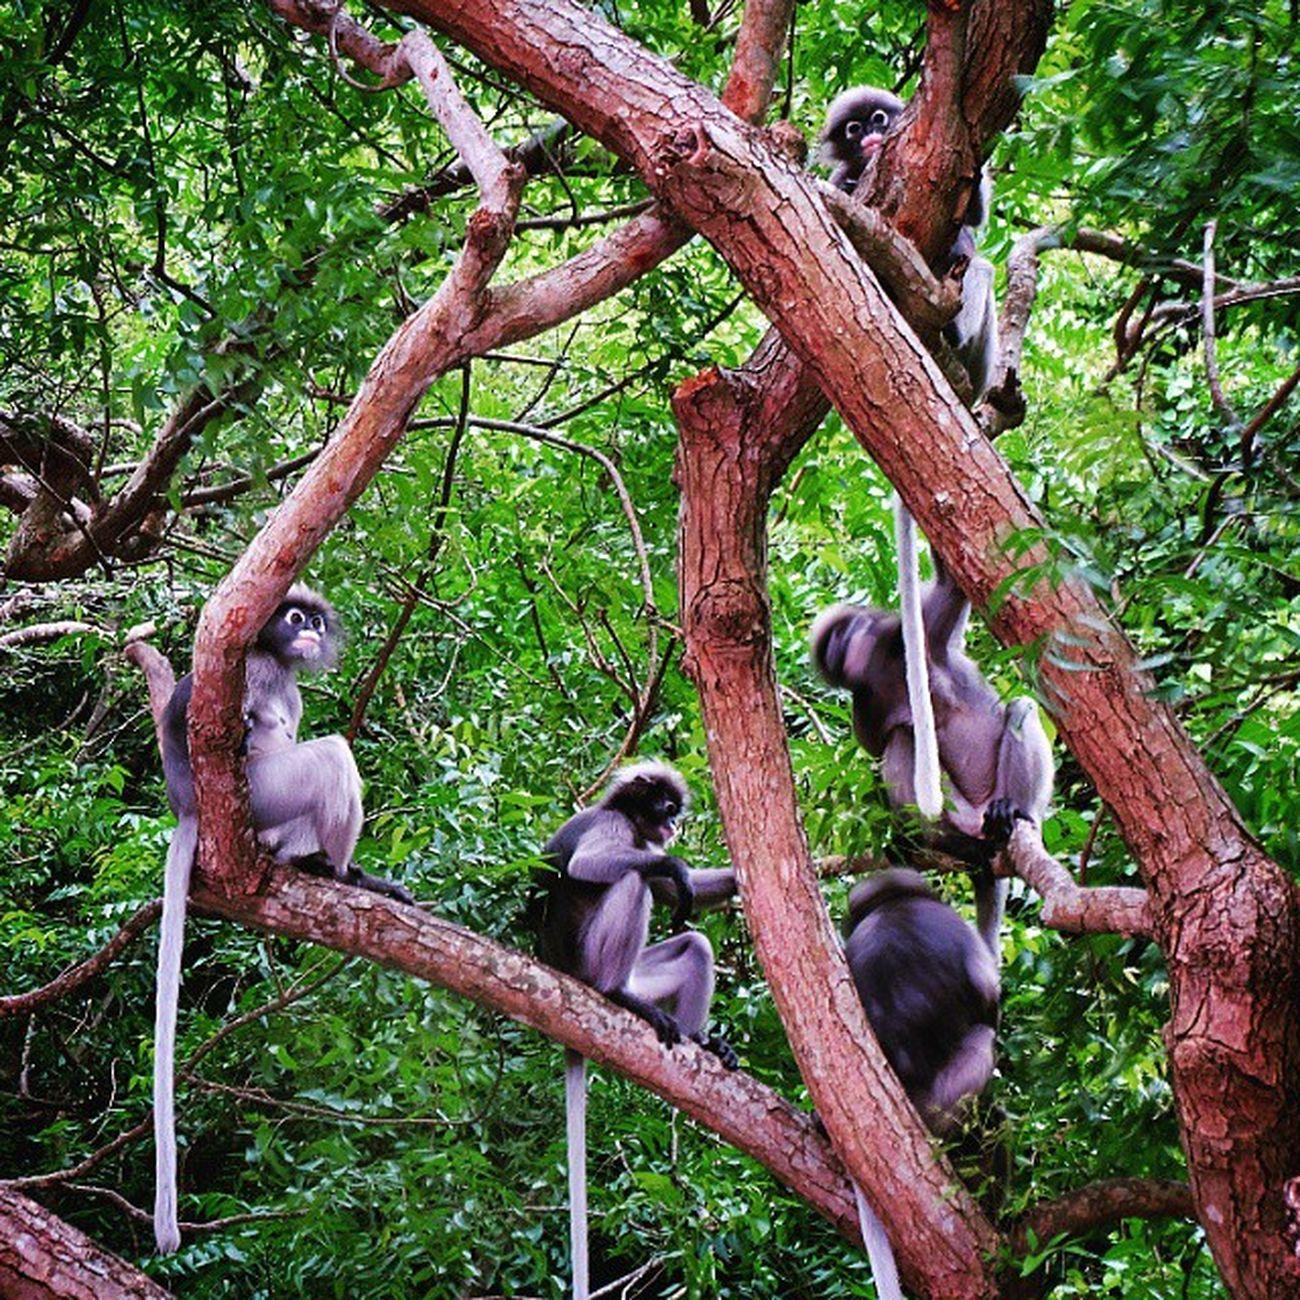 ค่างแว่น ( Dusky Langur ) . . . . . Langur Monkey Animal Cute Fujifilm_xseries Fujifilm Fujixm1 Fujifilm_id Fujifilmthailand Prachuabkirikhan Travelingram Siamthai_ig Capture_today Thaistagram Thailand_allshots Ig_thailandia Ig_today Igersworldwide Igersthailand Instaanimal Instaaaaah Insta_thailand Nature_lovers Naturelovers Creature forest